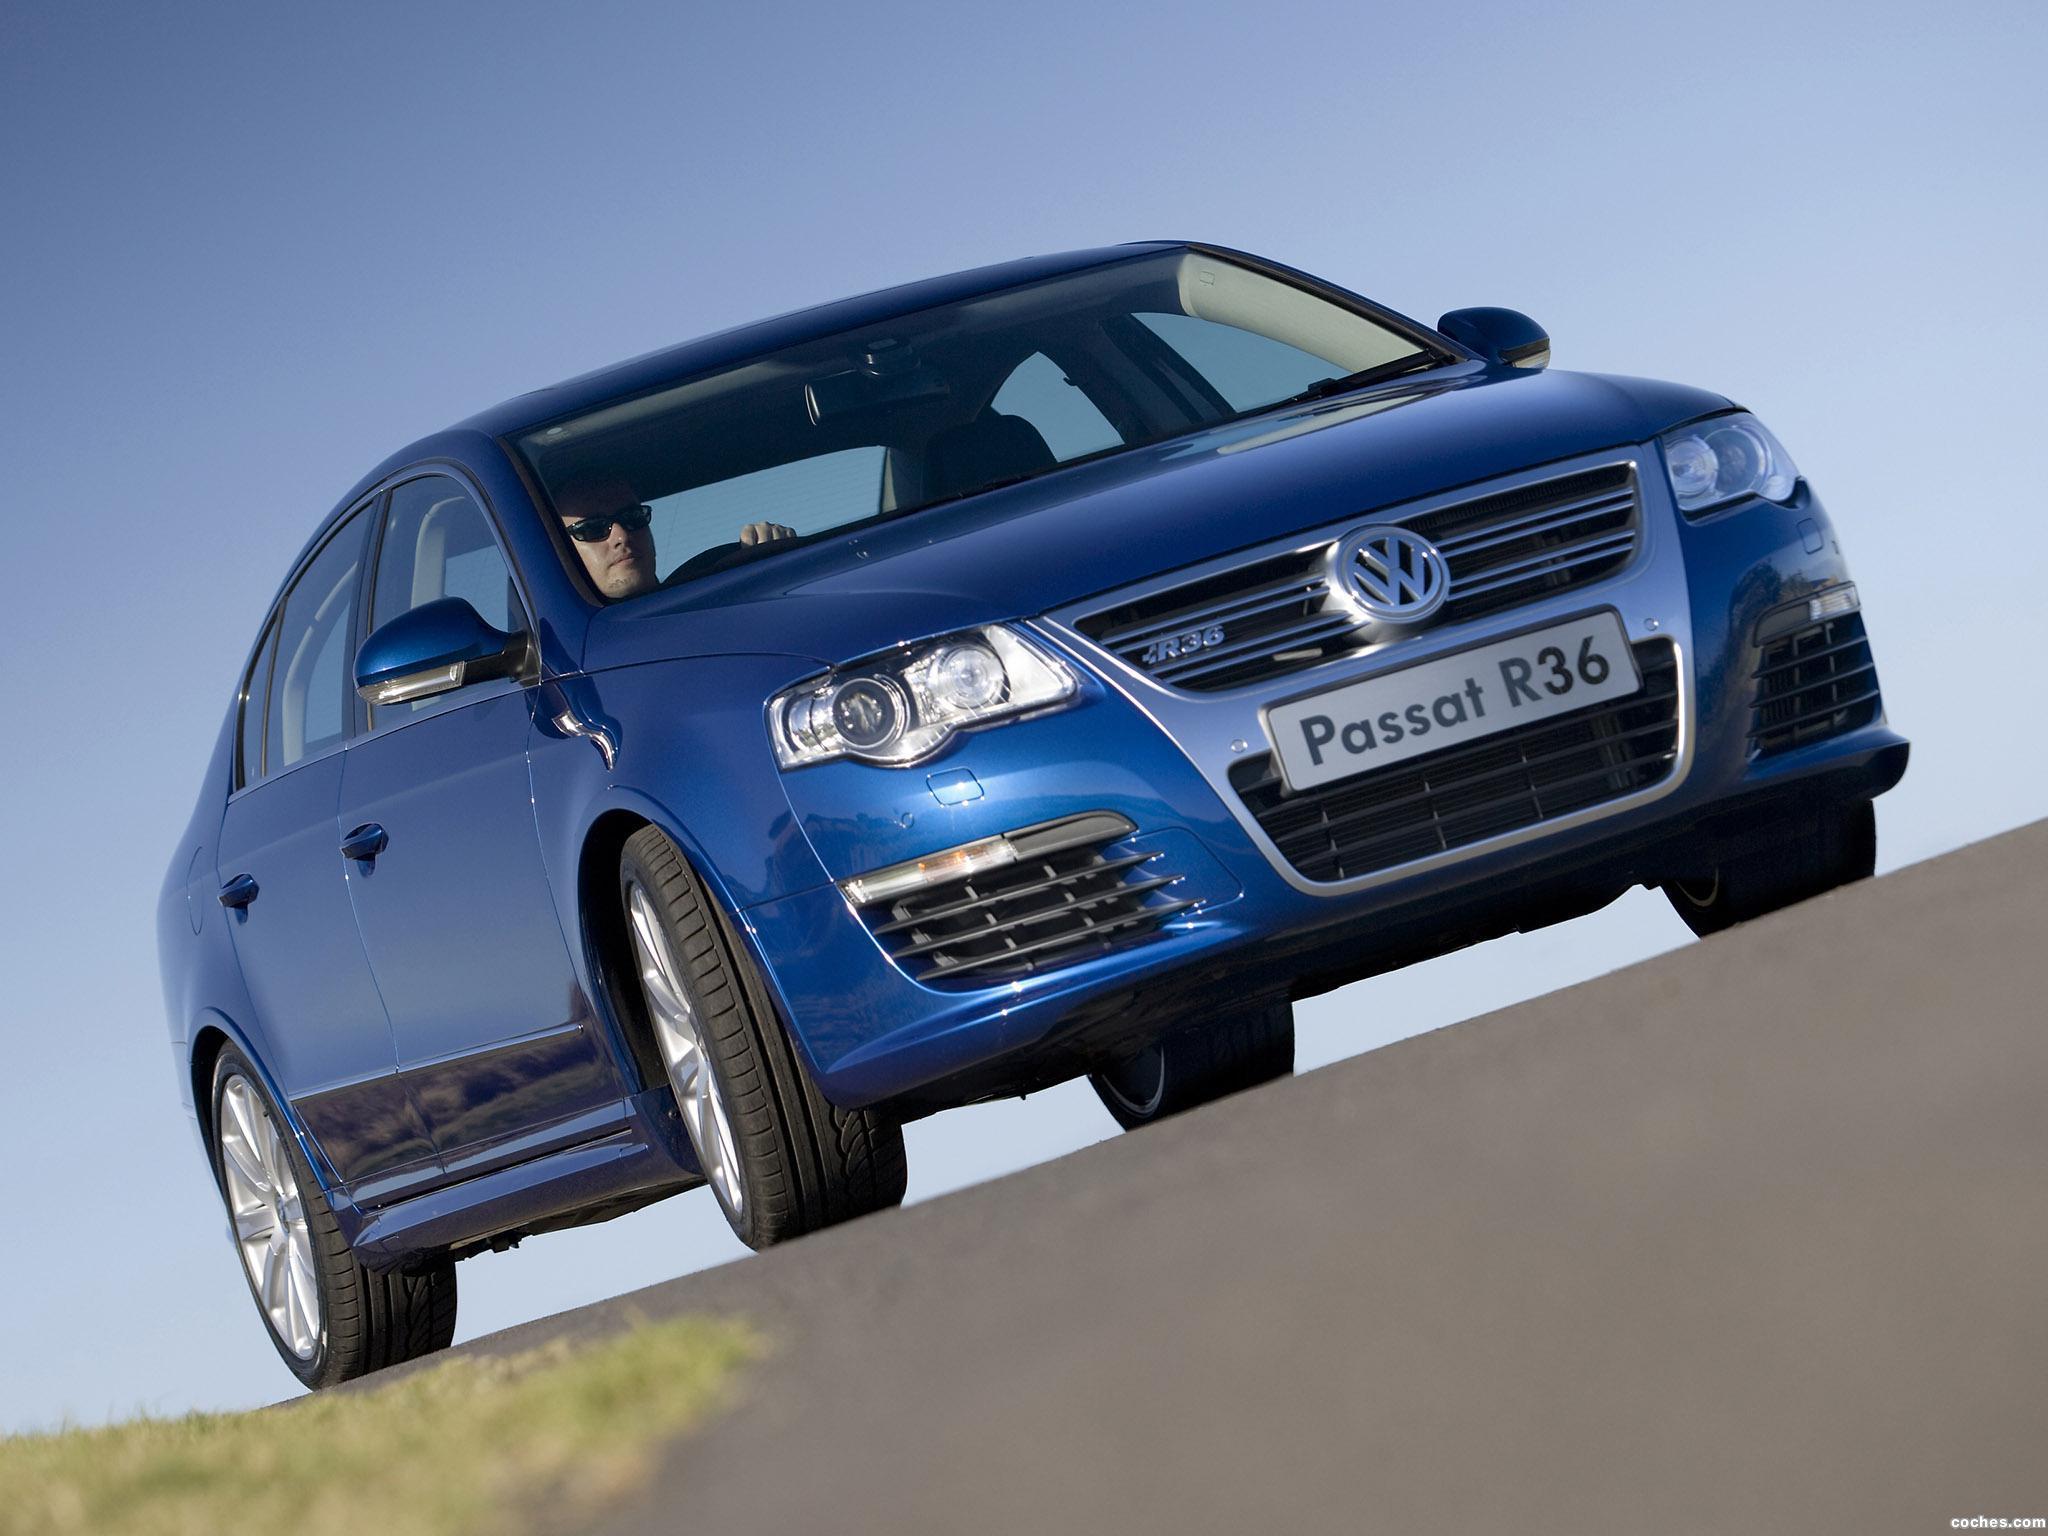 Foto 0 de Volkswagen Passat R36 Sedan Australia 2008